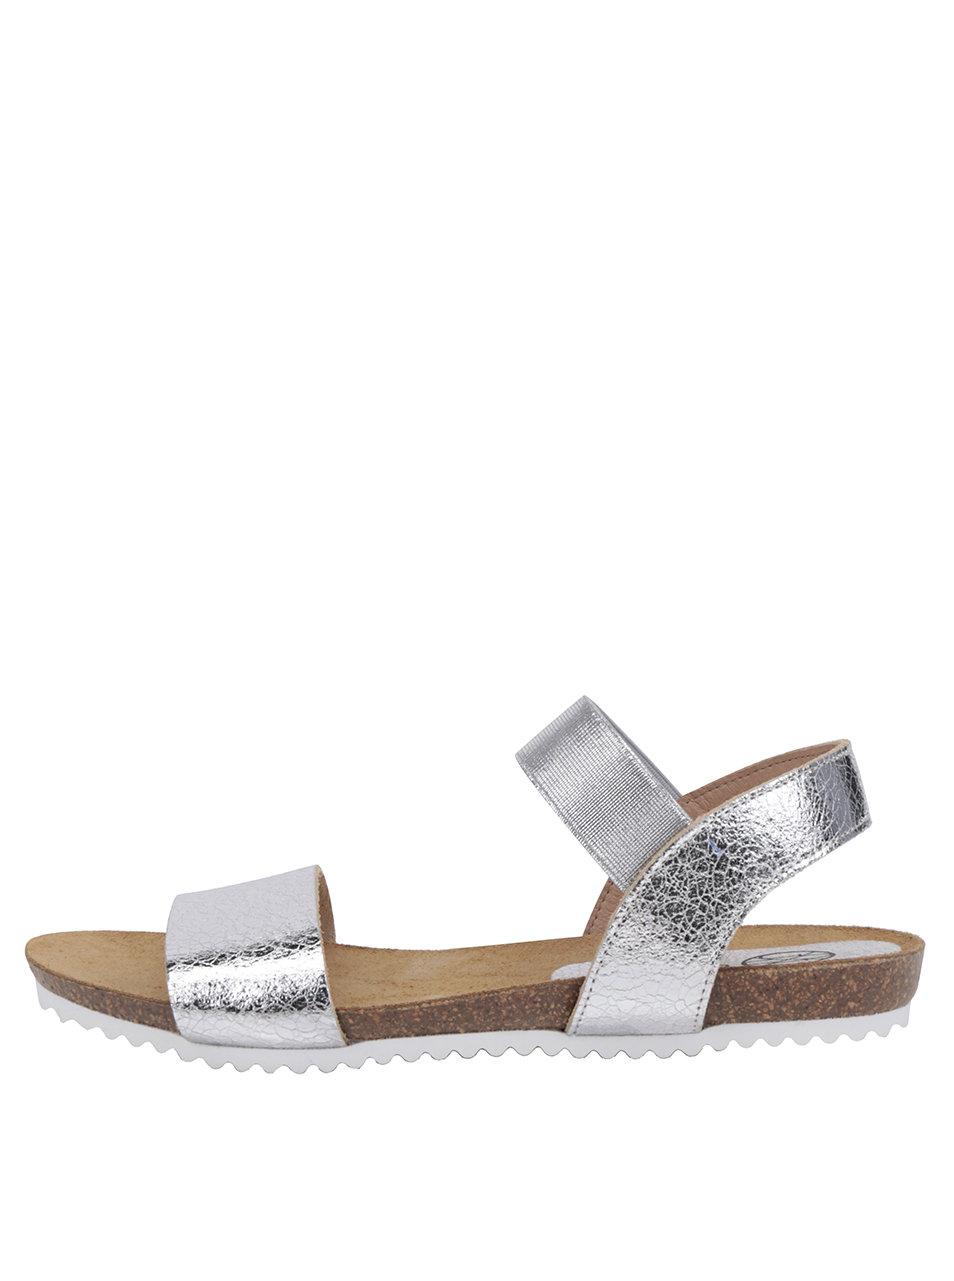 9156cce91a4 Dámské kožené sandály ve stříbrné barvě OJJU ...